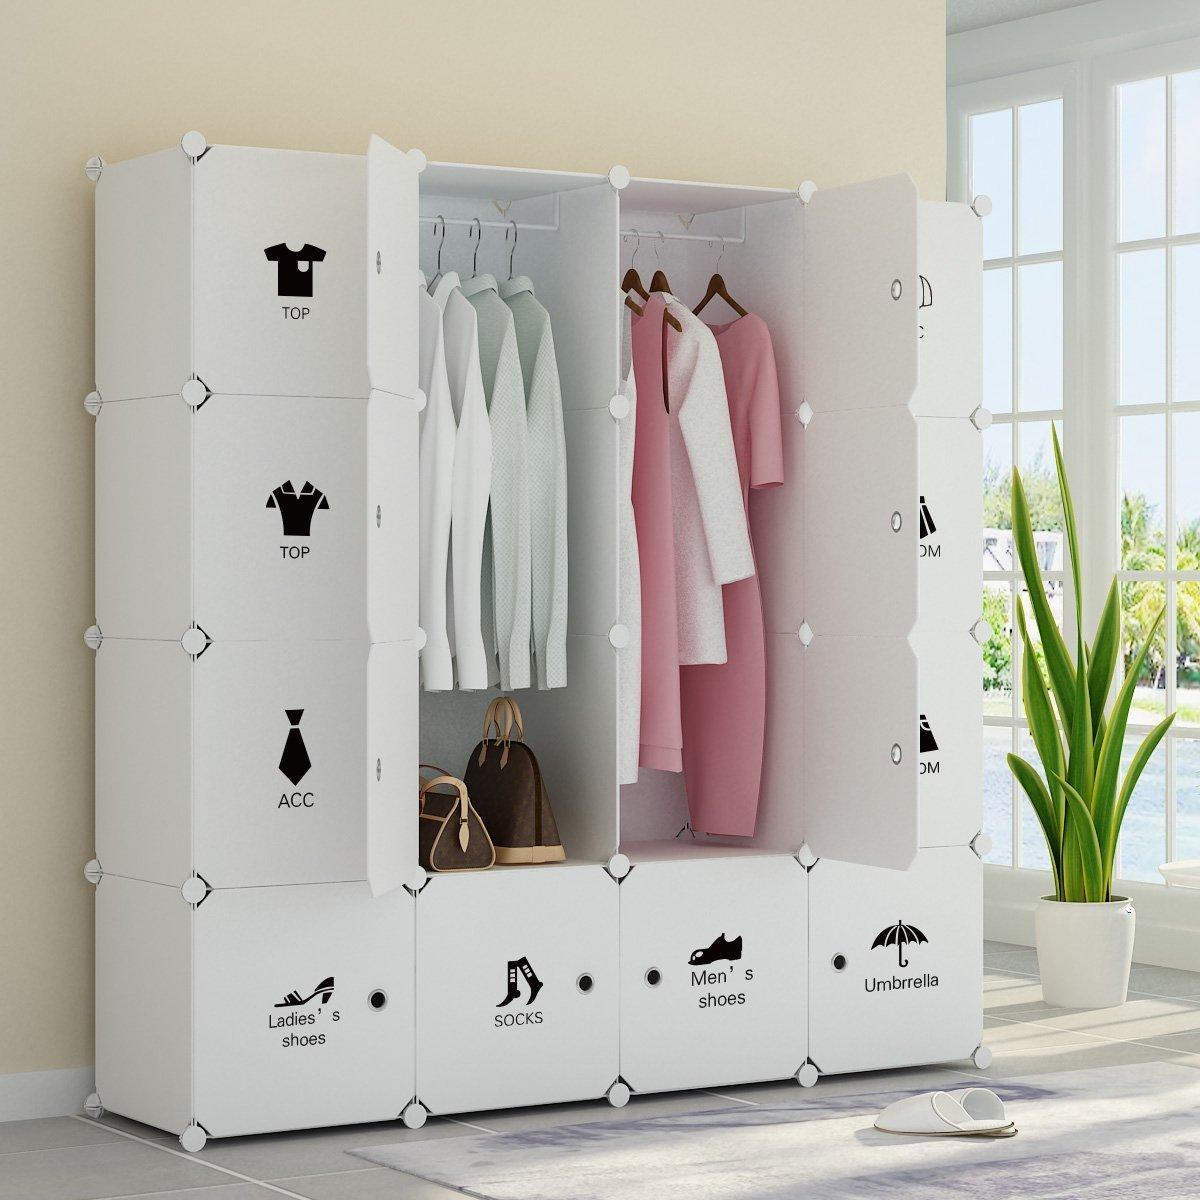 Koossy extensible Vêtements Closet Armoire Armoires Armoire de rangement organiseur avec portes - Spacieux et robuste